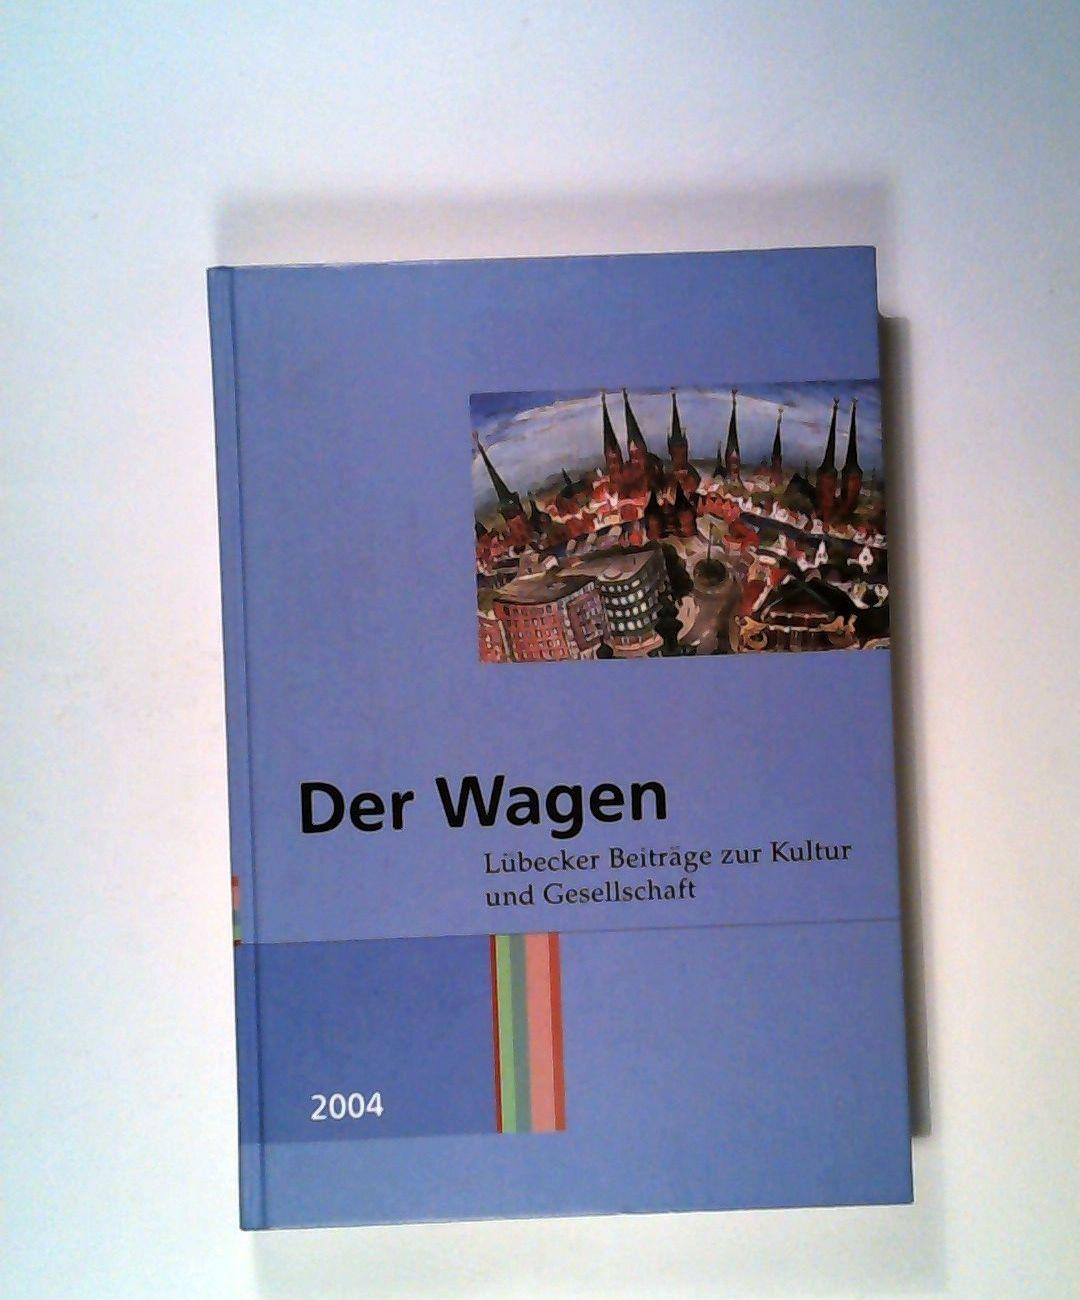 Der Wagen: Lübecker Beiträge zur Kultur und: Bruns, Alken: